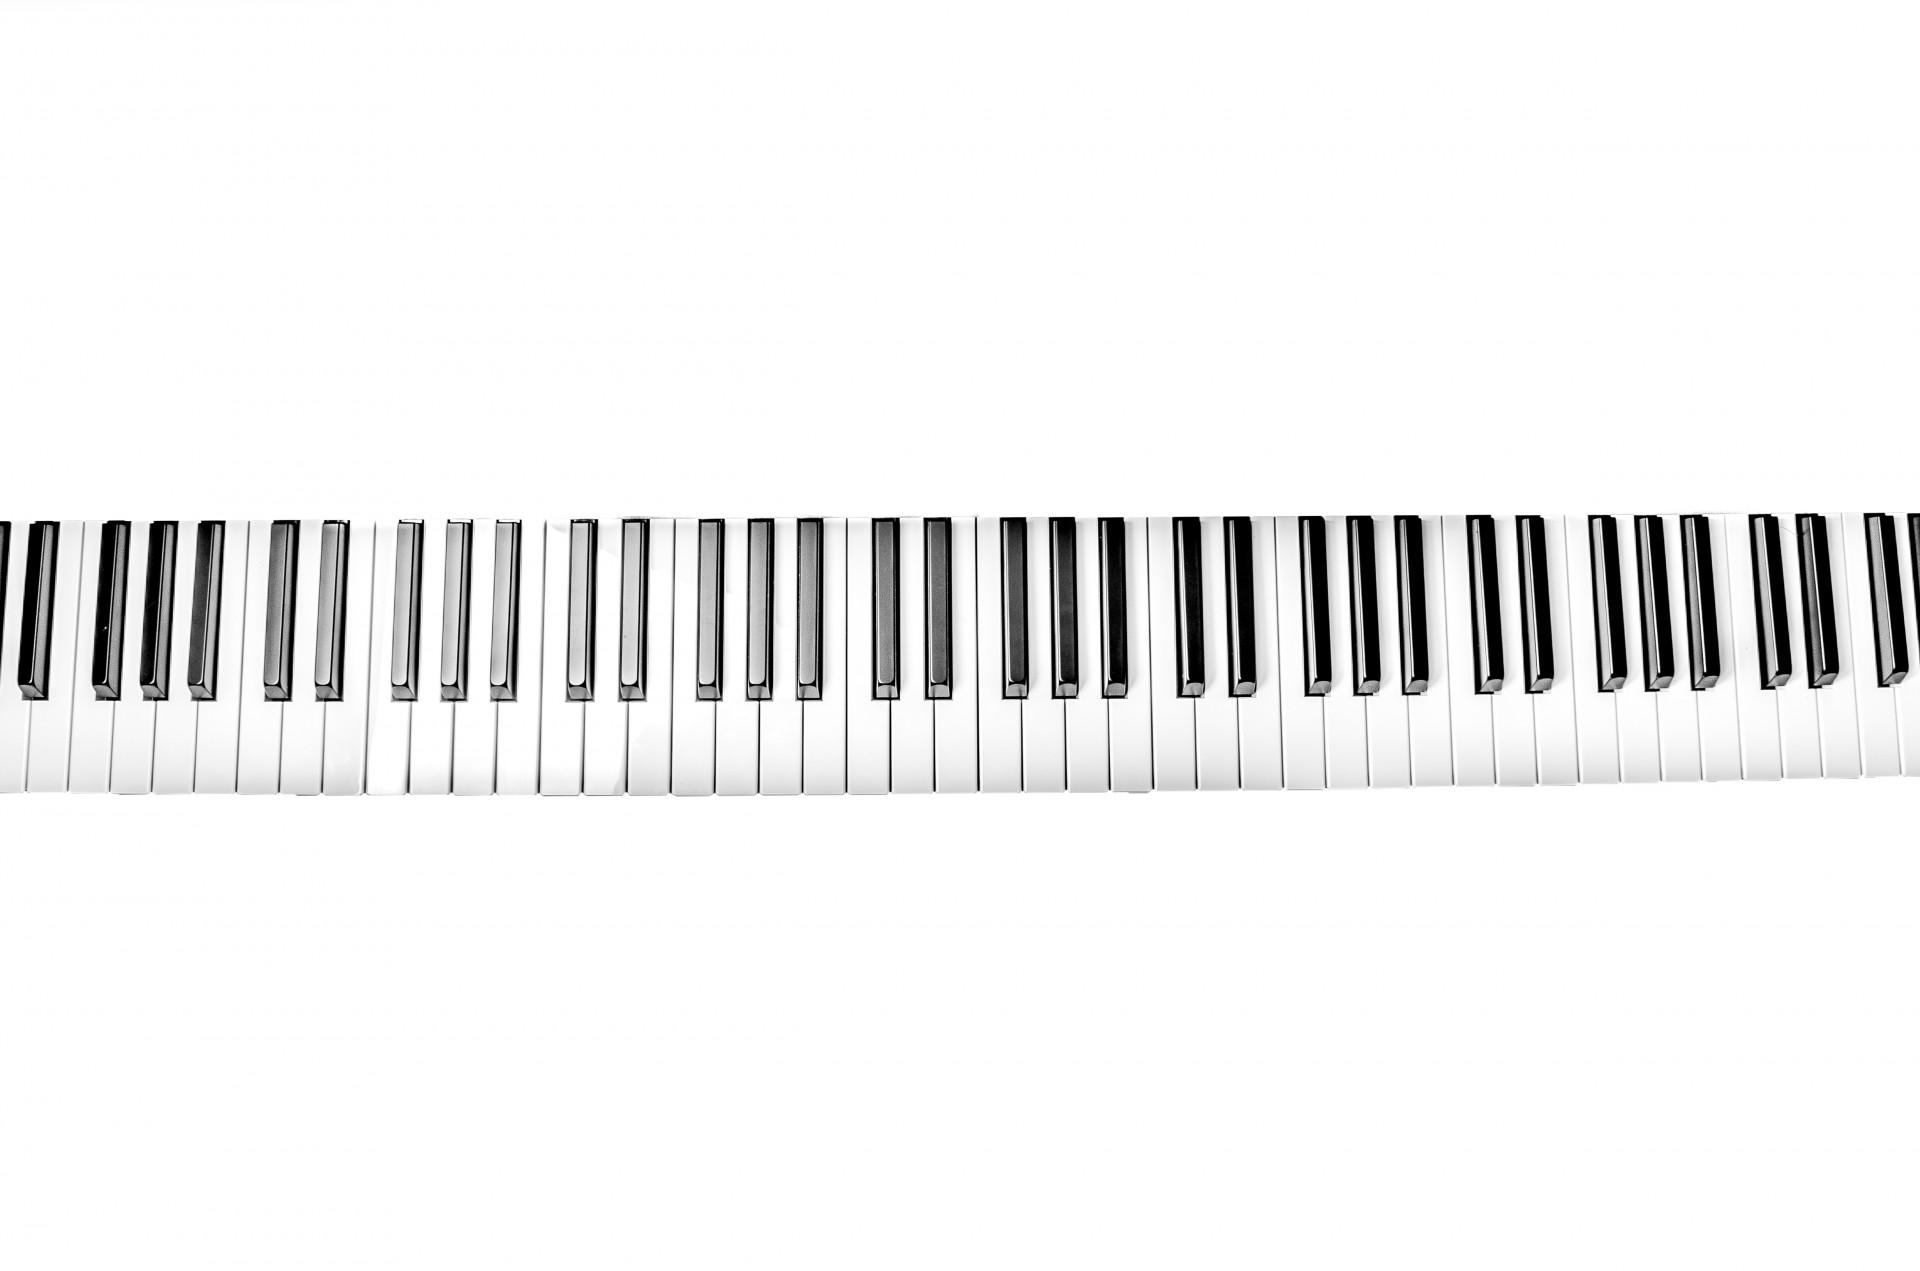 картинка клавиатура фортепиано на прозрачном фоне простые